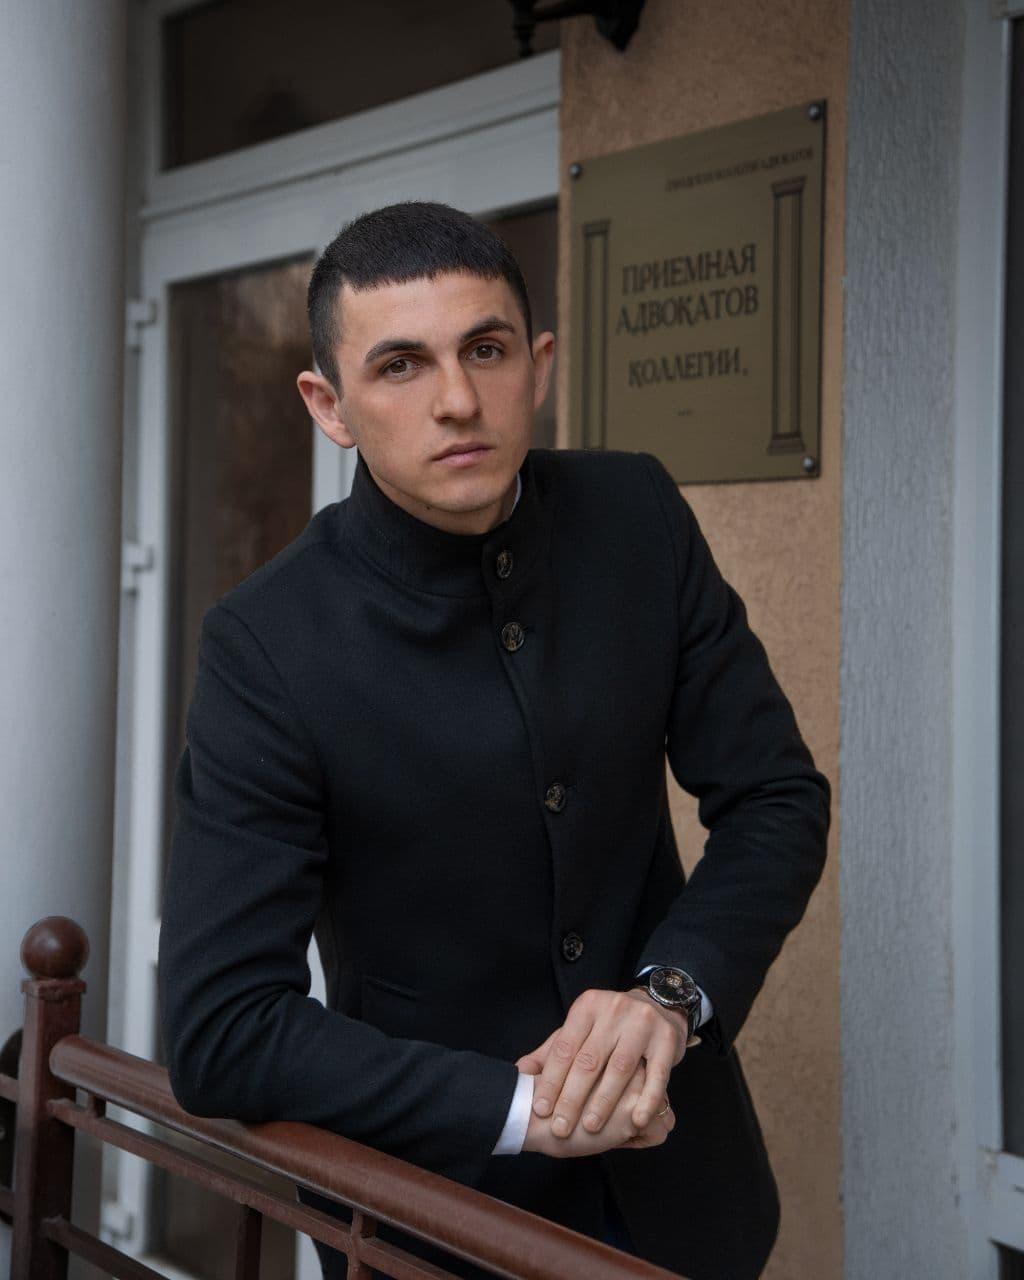 Адвокат Гусейнов, защита бизнеса в Крыму